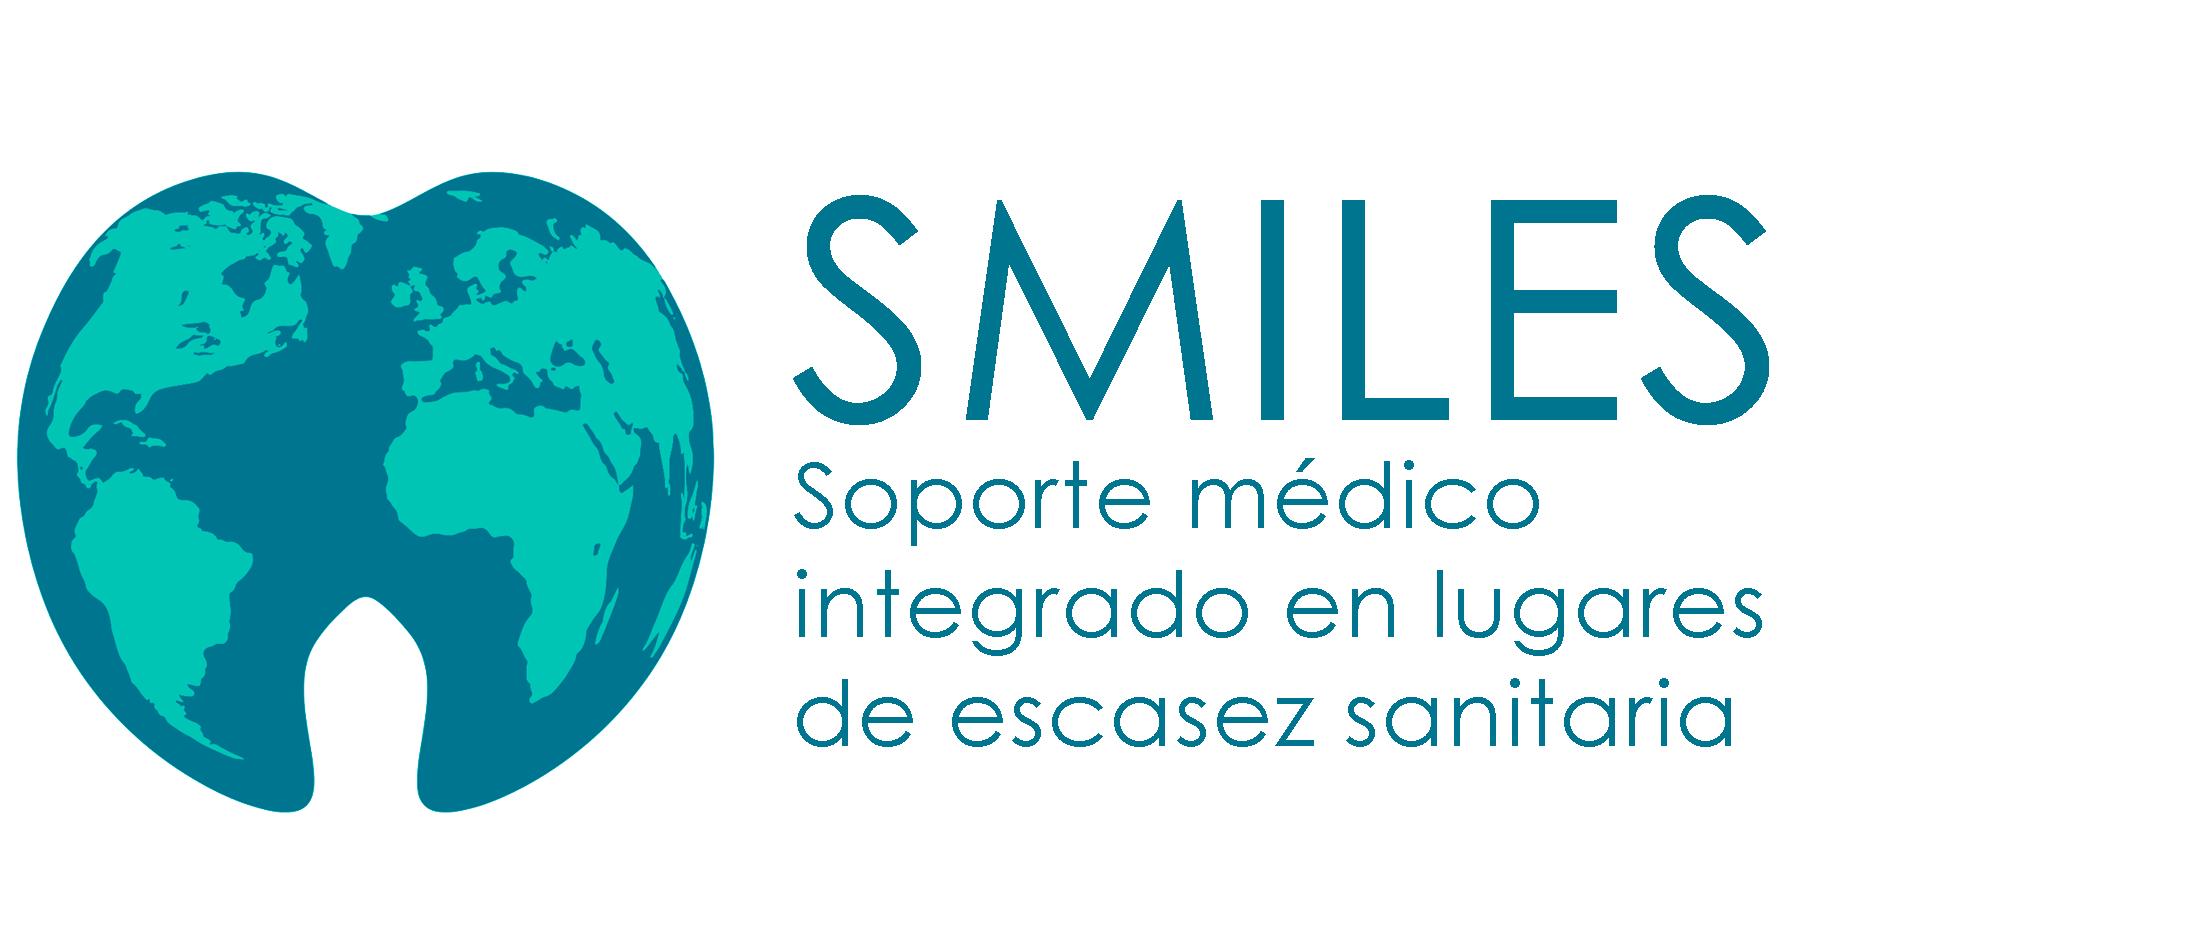 logo_smiles ngo responsabilidad